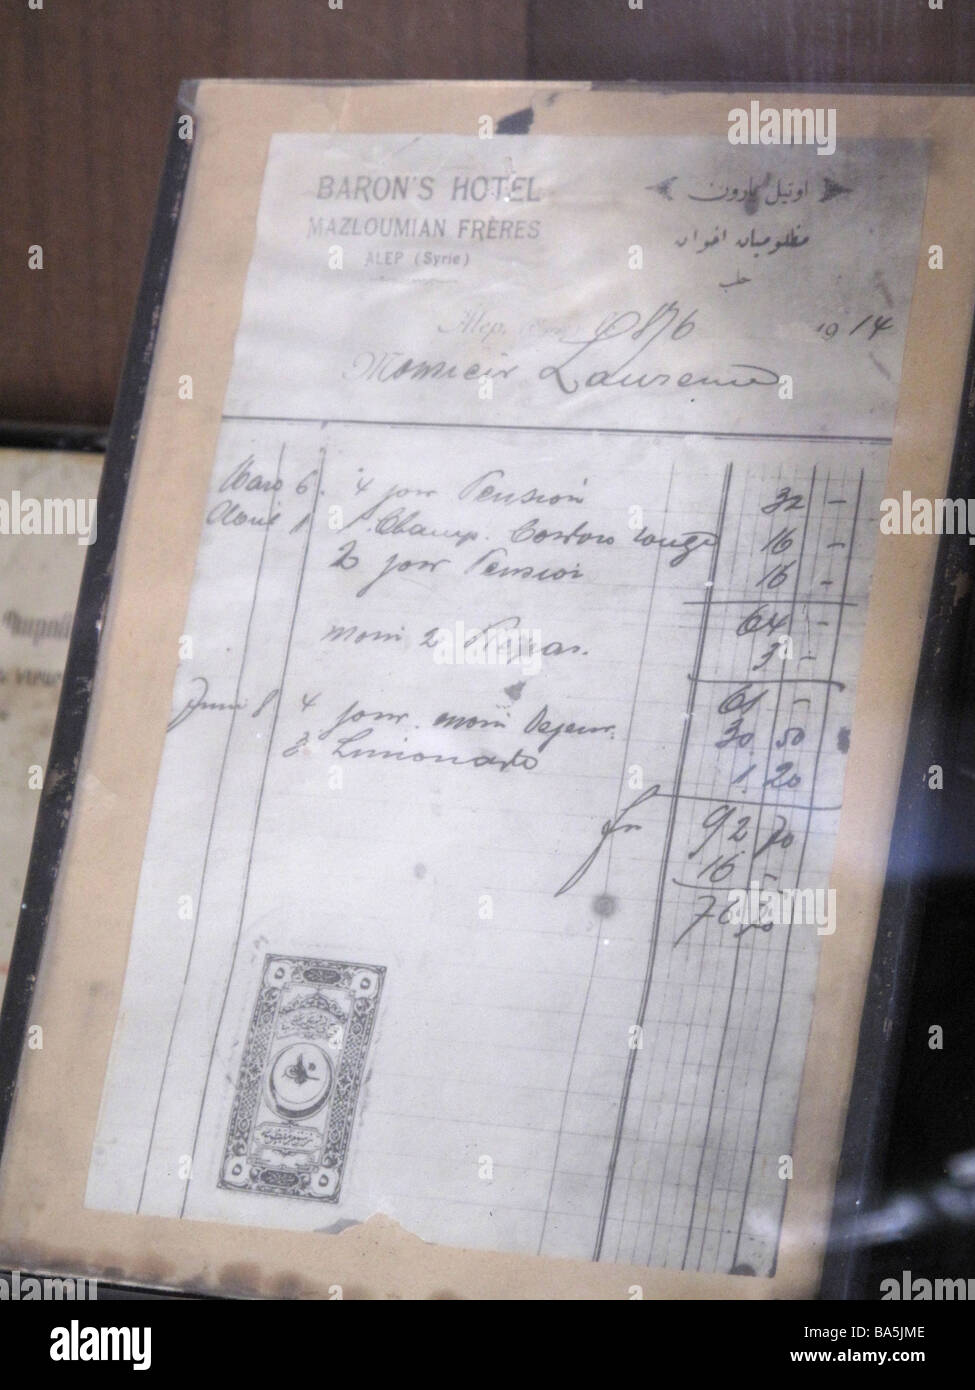 Bill of Lawrence of Arabia in Baron Hotel Aleppo SYRIA Factura de Lawrence de Arabia en el Hotel Baron Alepo SIRIA - Stock Image